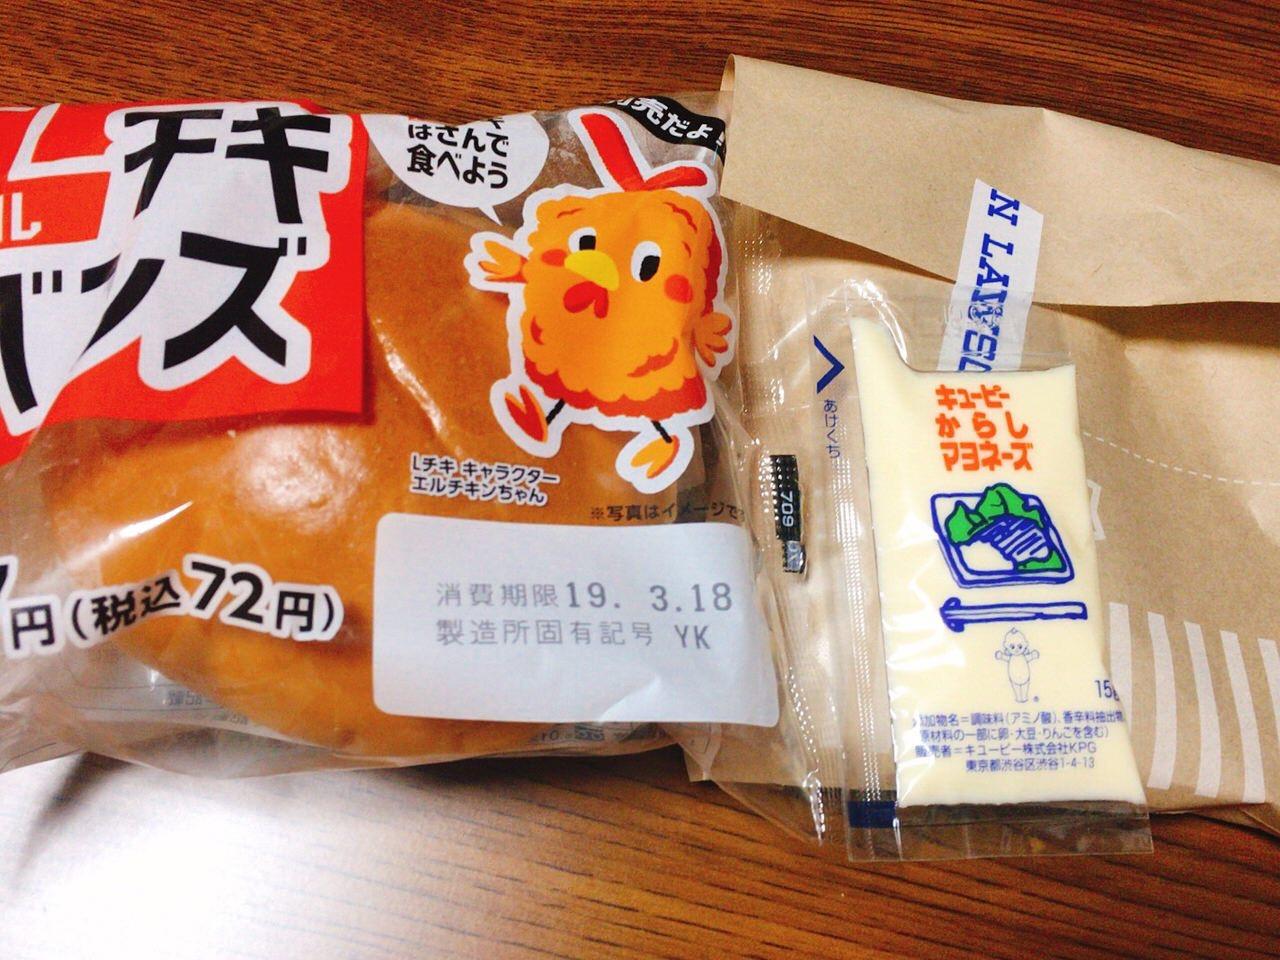 【ローソン】新商品「Lチキ 七味マヨ味」を挟んでみた。